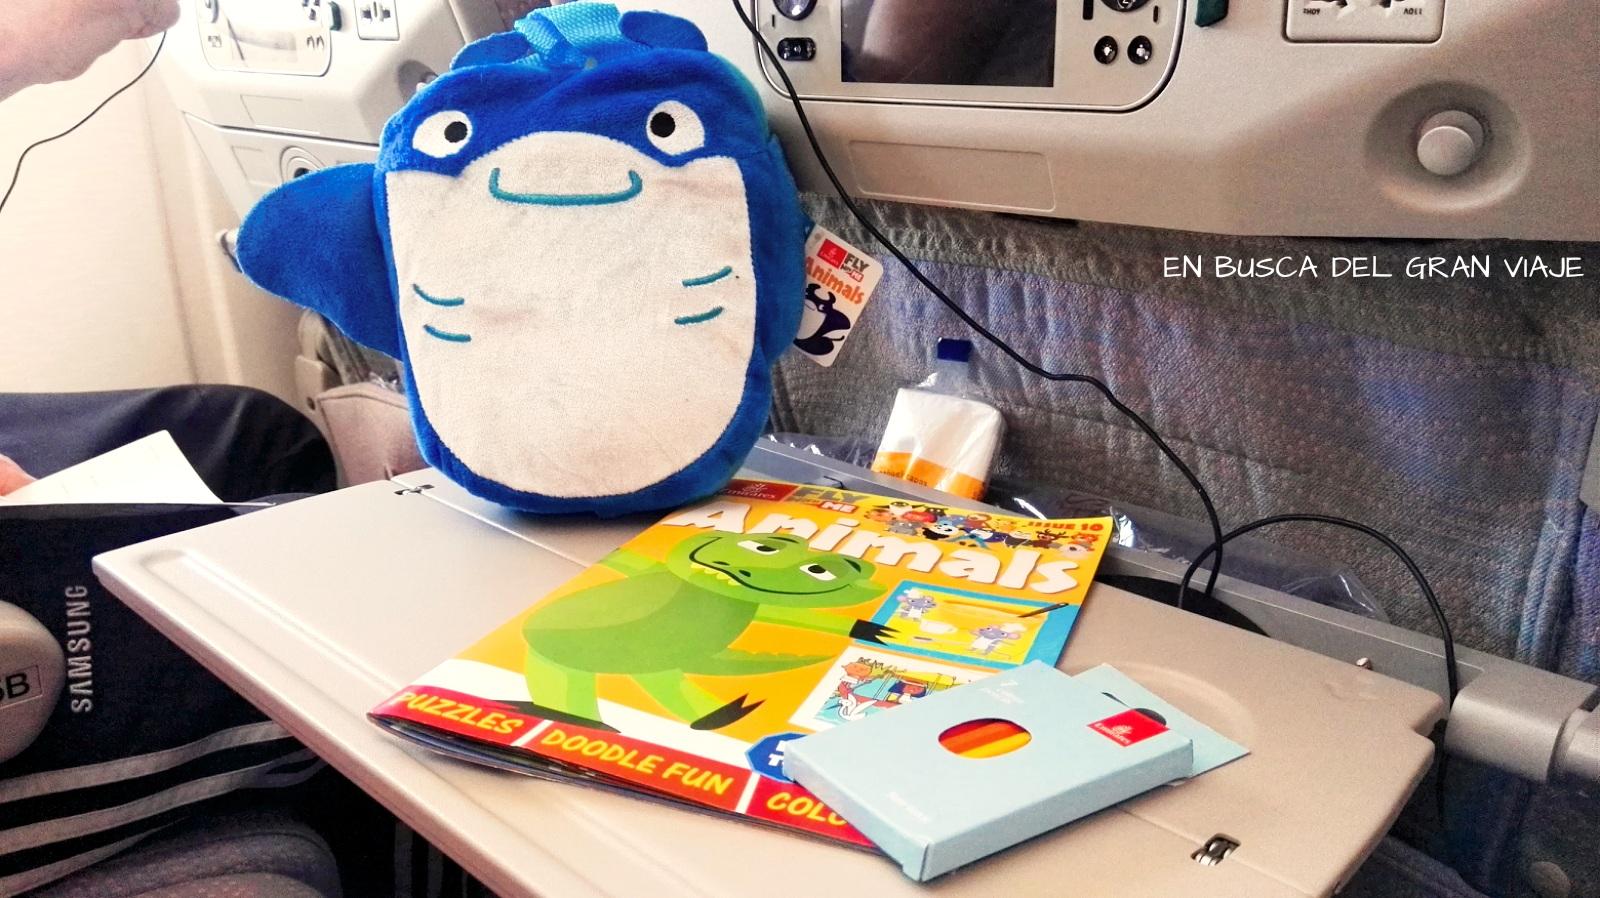 El peluche/ manta del avión y el cuaderno de actividades con los lápices de colores